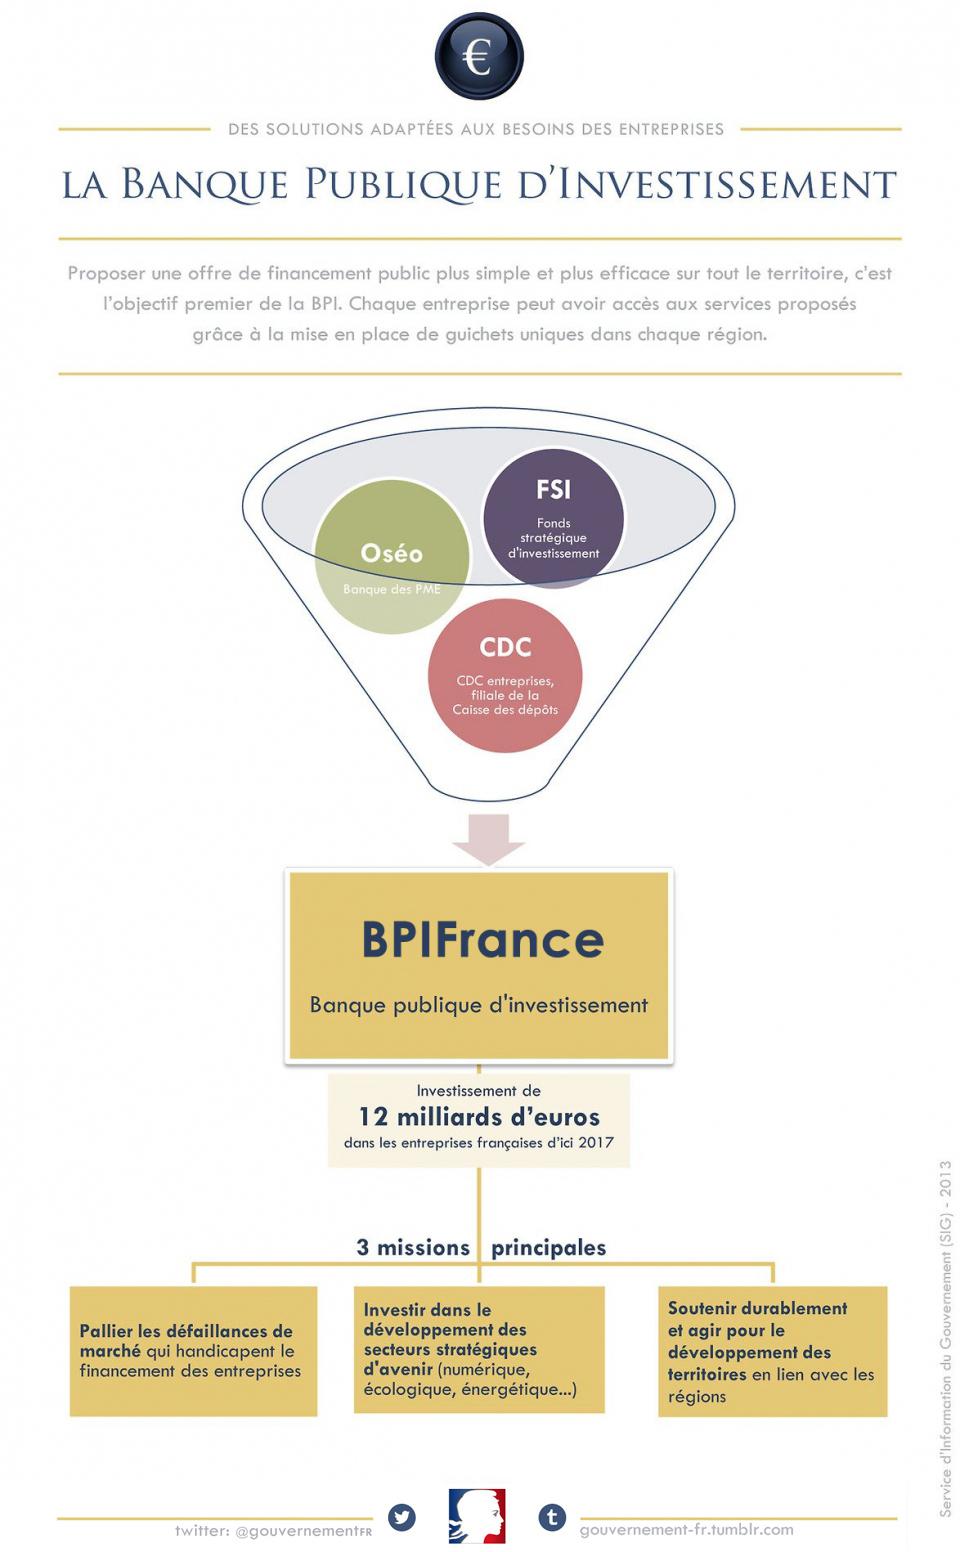 La Banque publique d'investissement BPIFrance - voir en plus grand